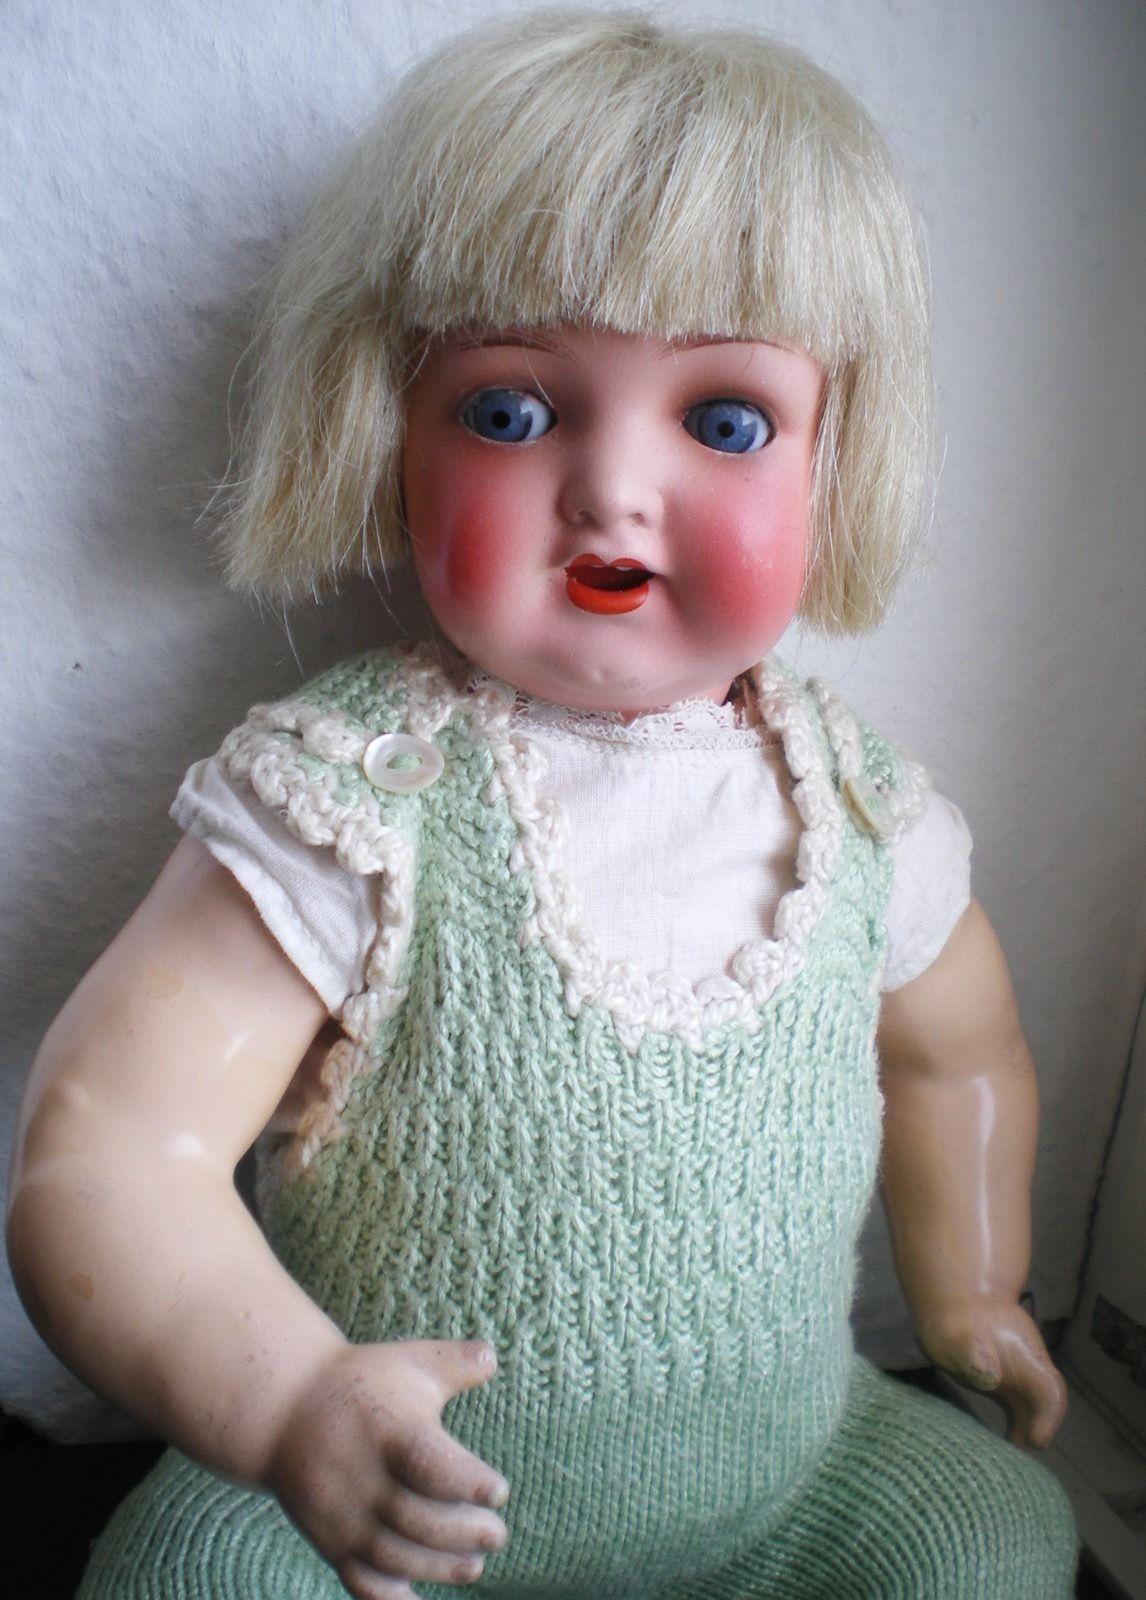 Süße alte Heubach Köppelsdorf Baby Puppe Porzellankopf, old german doll | eBay